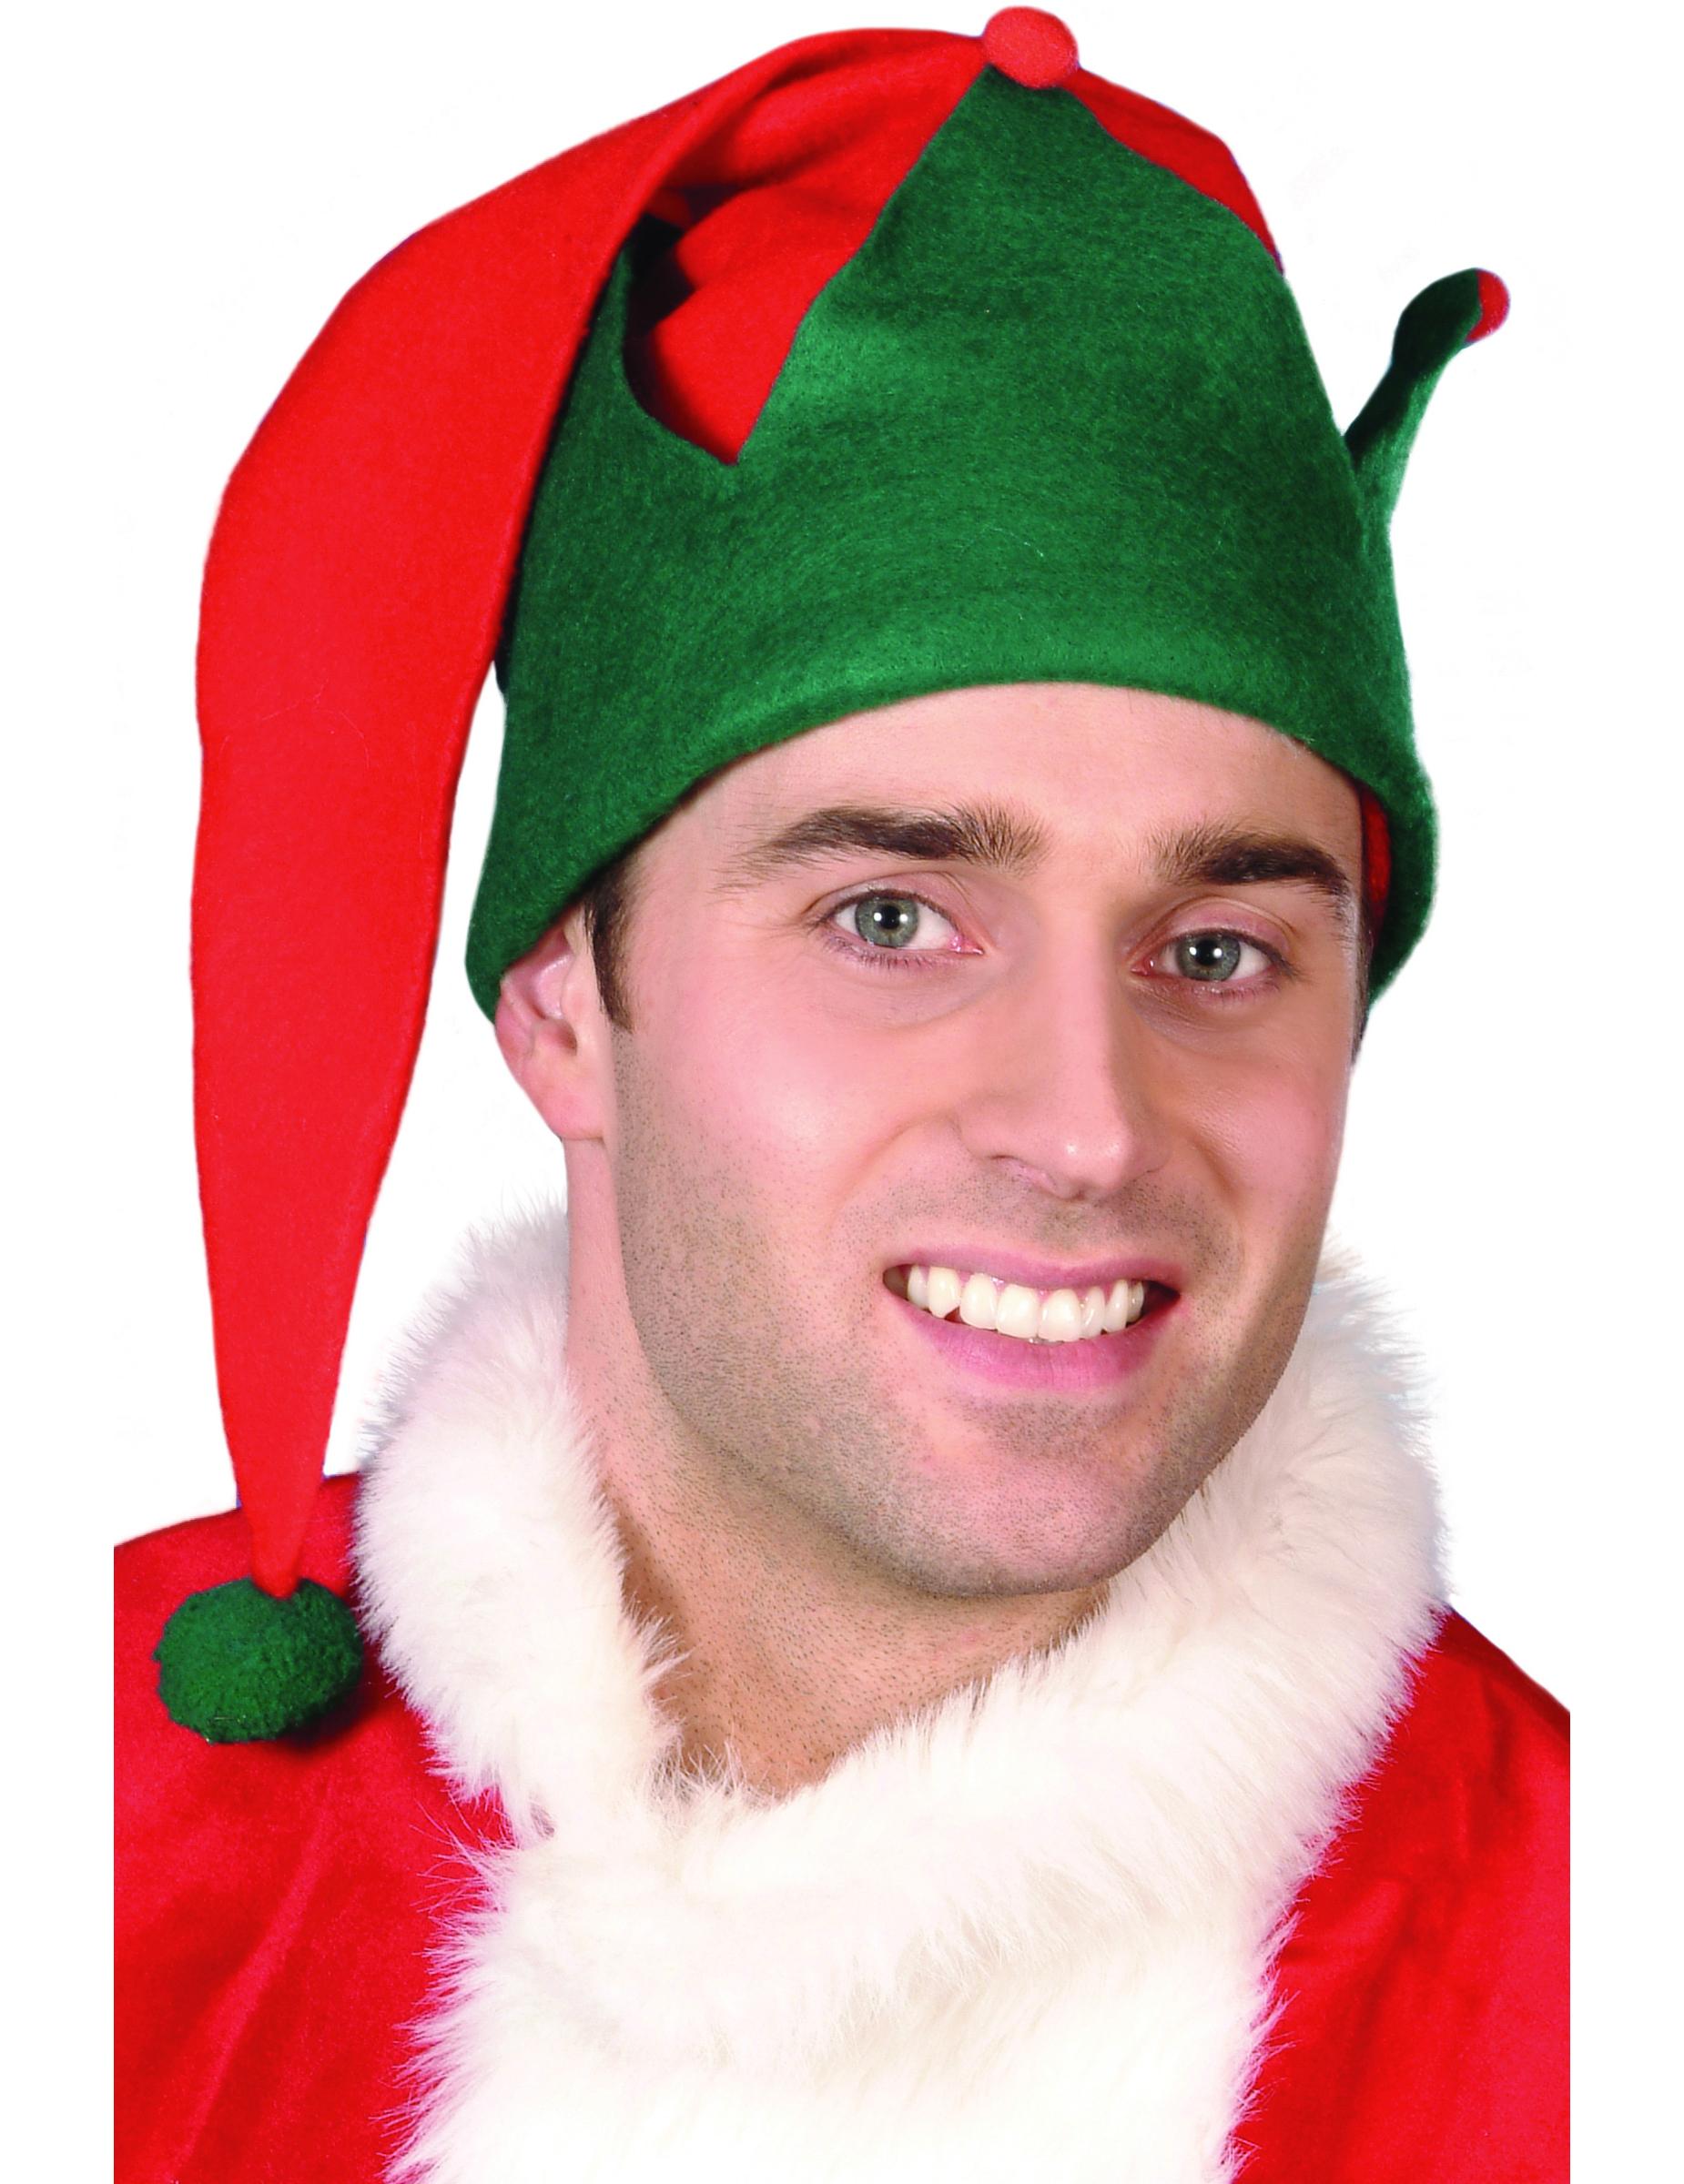 Video divertido de Navidad para adultos